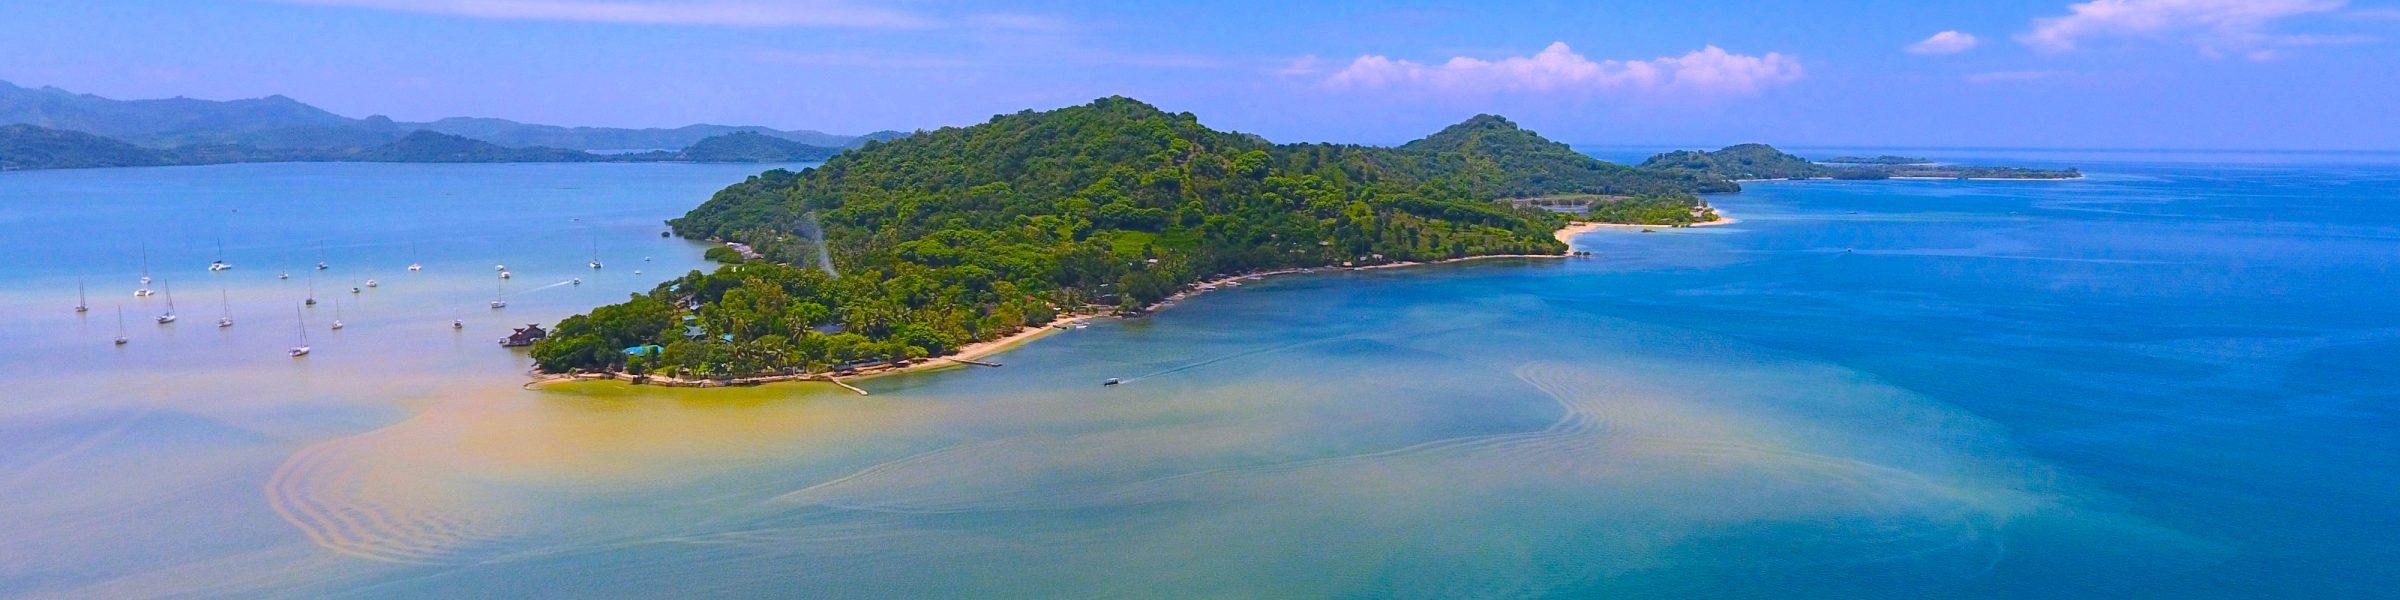 Gili Gede island   Lombok